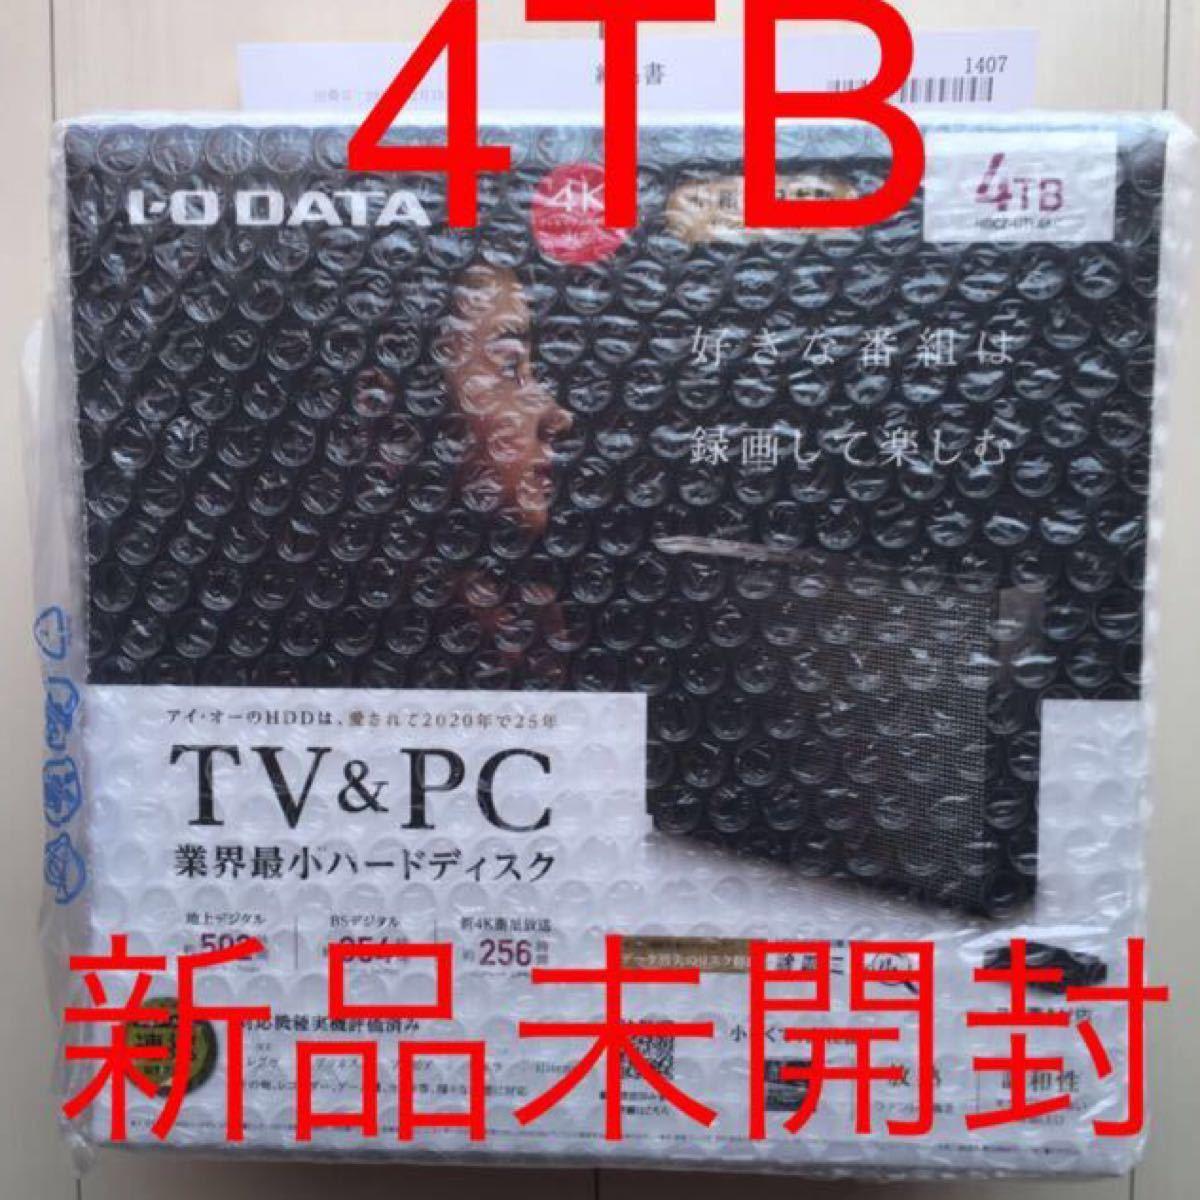 新品未開封 外付けハードディスク アイオーデータ機器 4TB HDCZ-UTL4KC USB 3.1 Gen 1(USB 3.0)